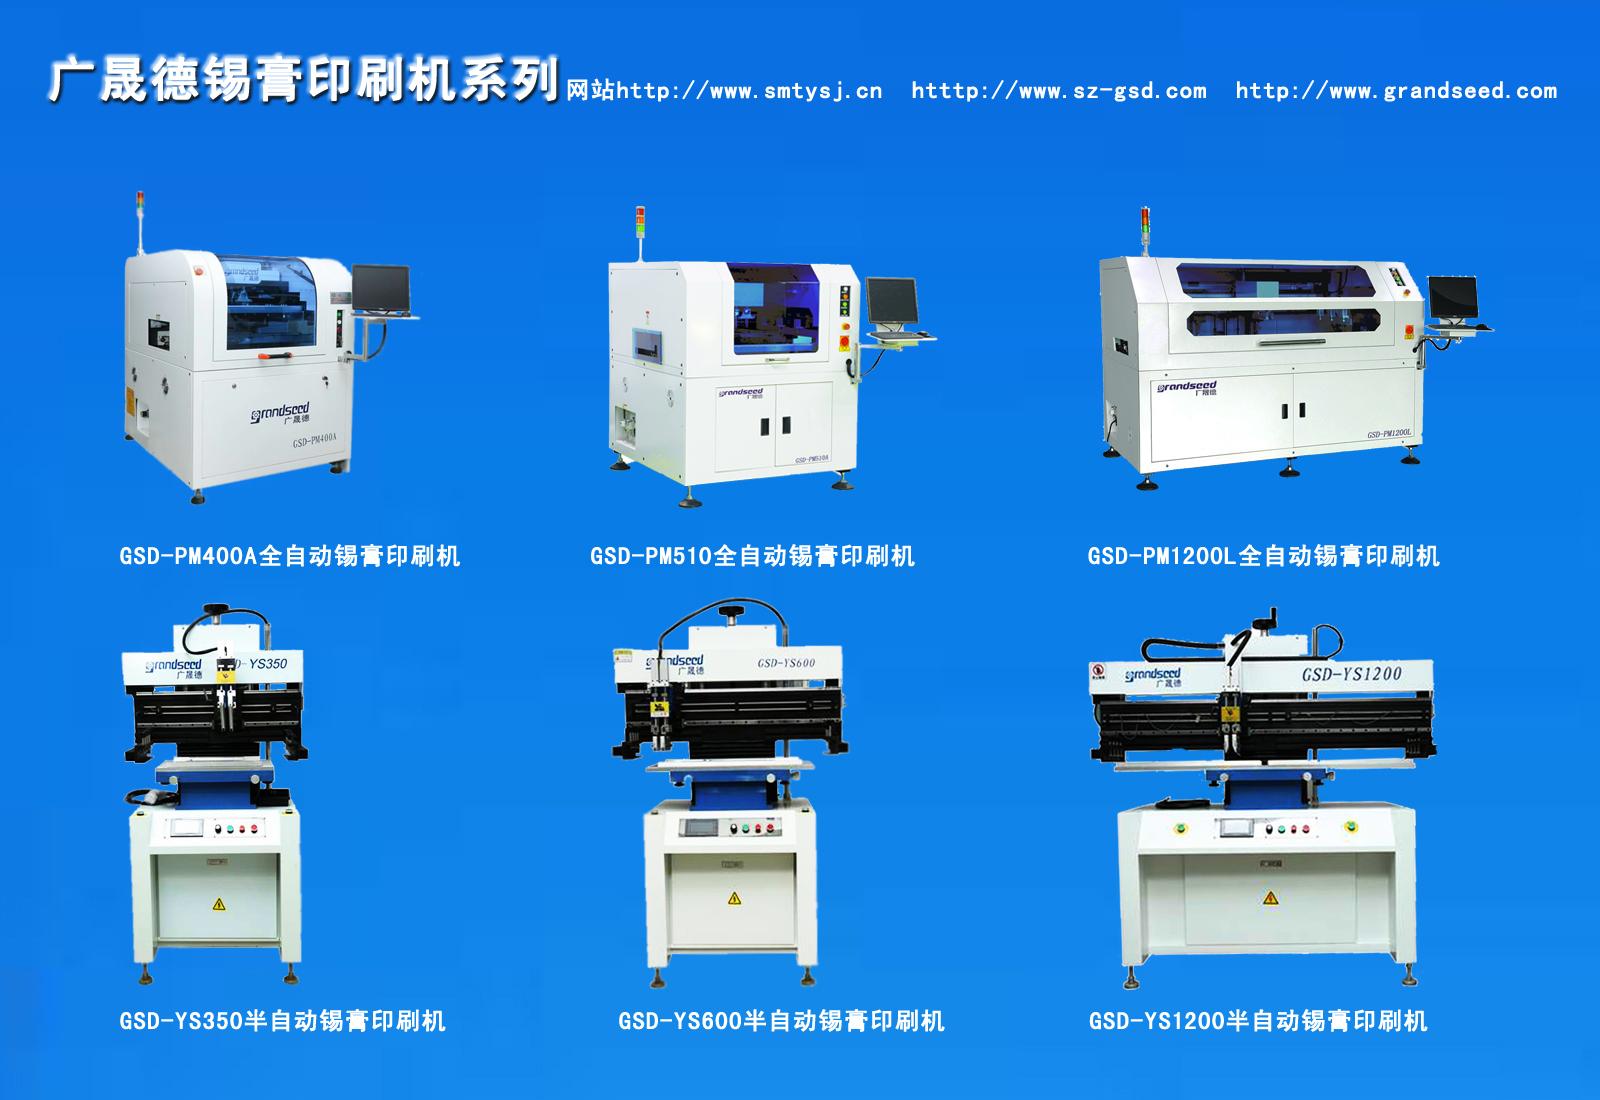 锡膏印刷机全球知名品牌是哪些